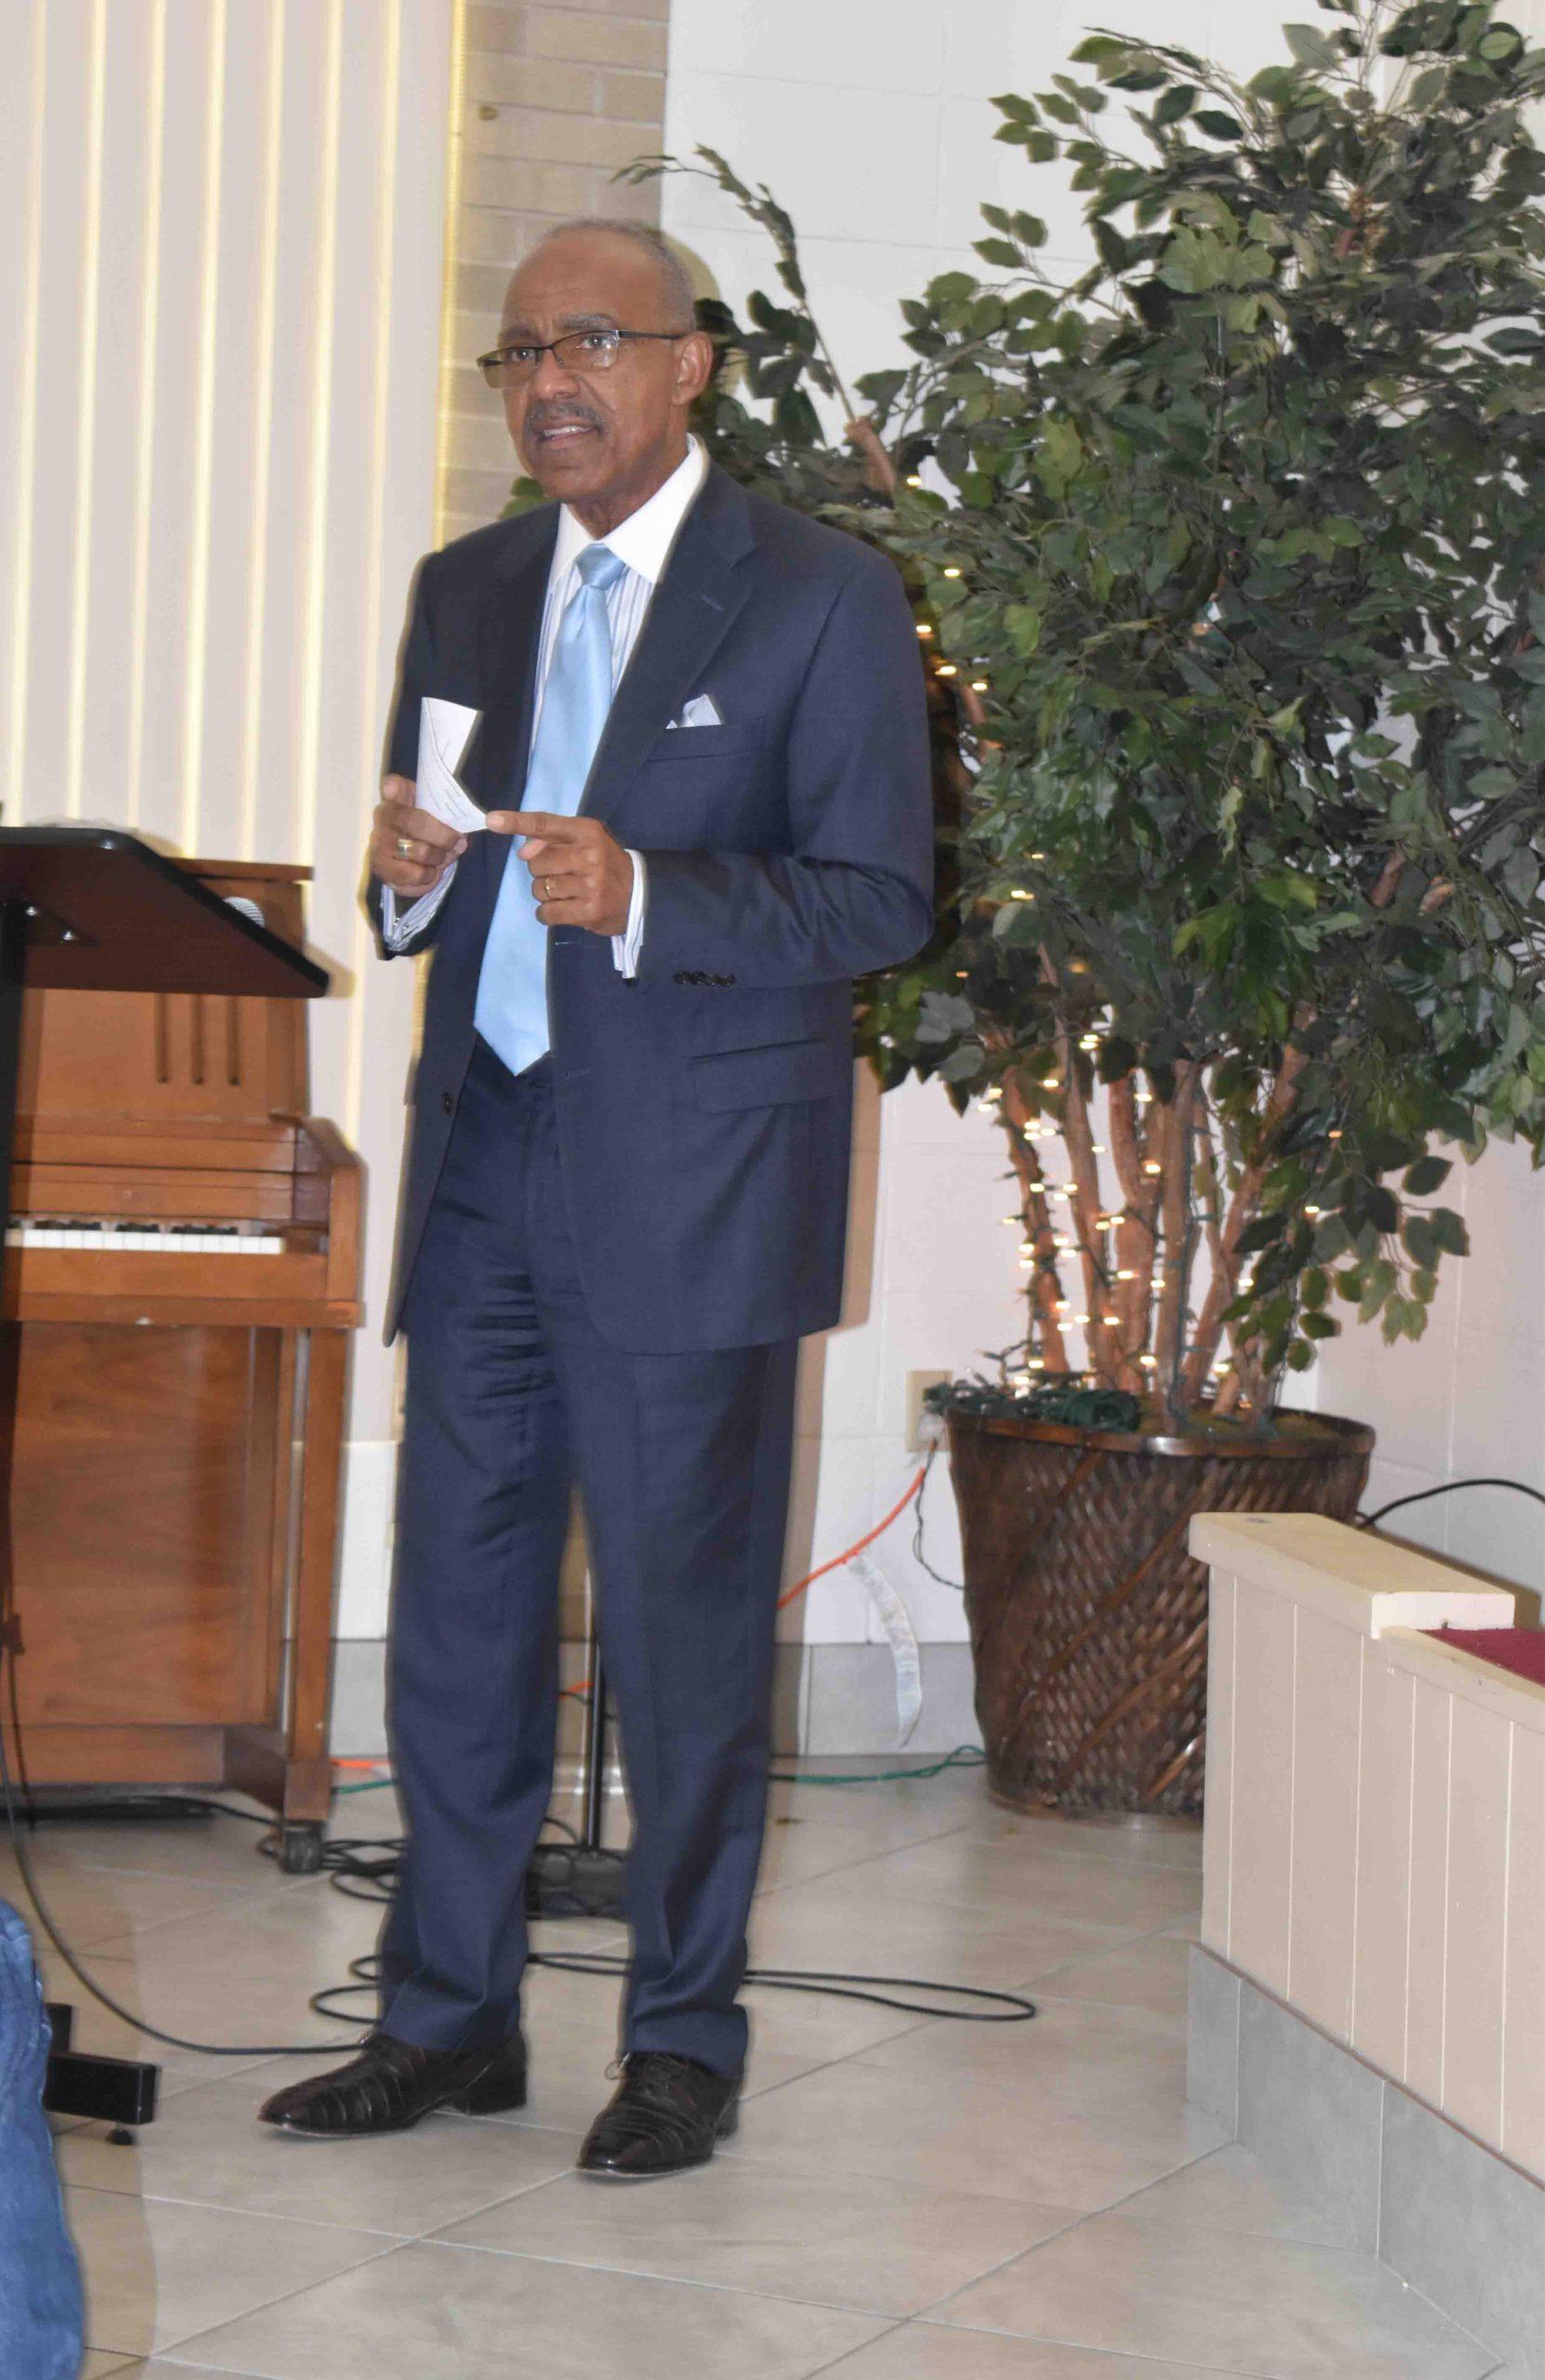 Rev. Truman Tolefree address attendees